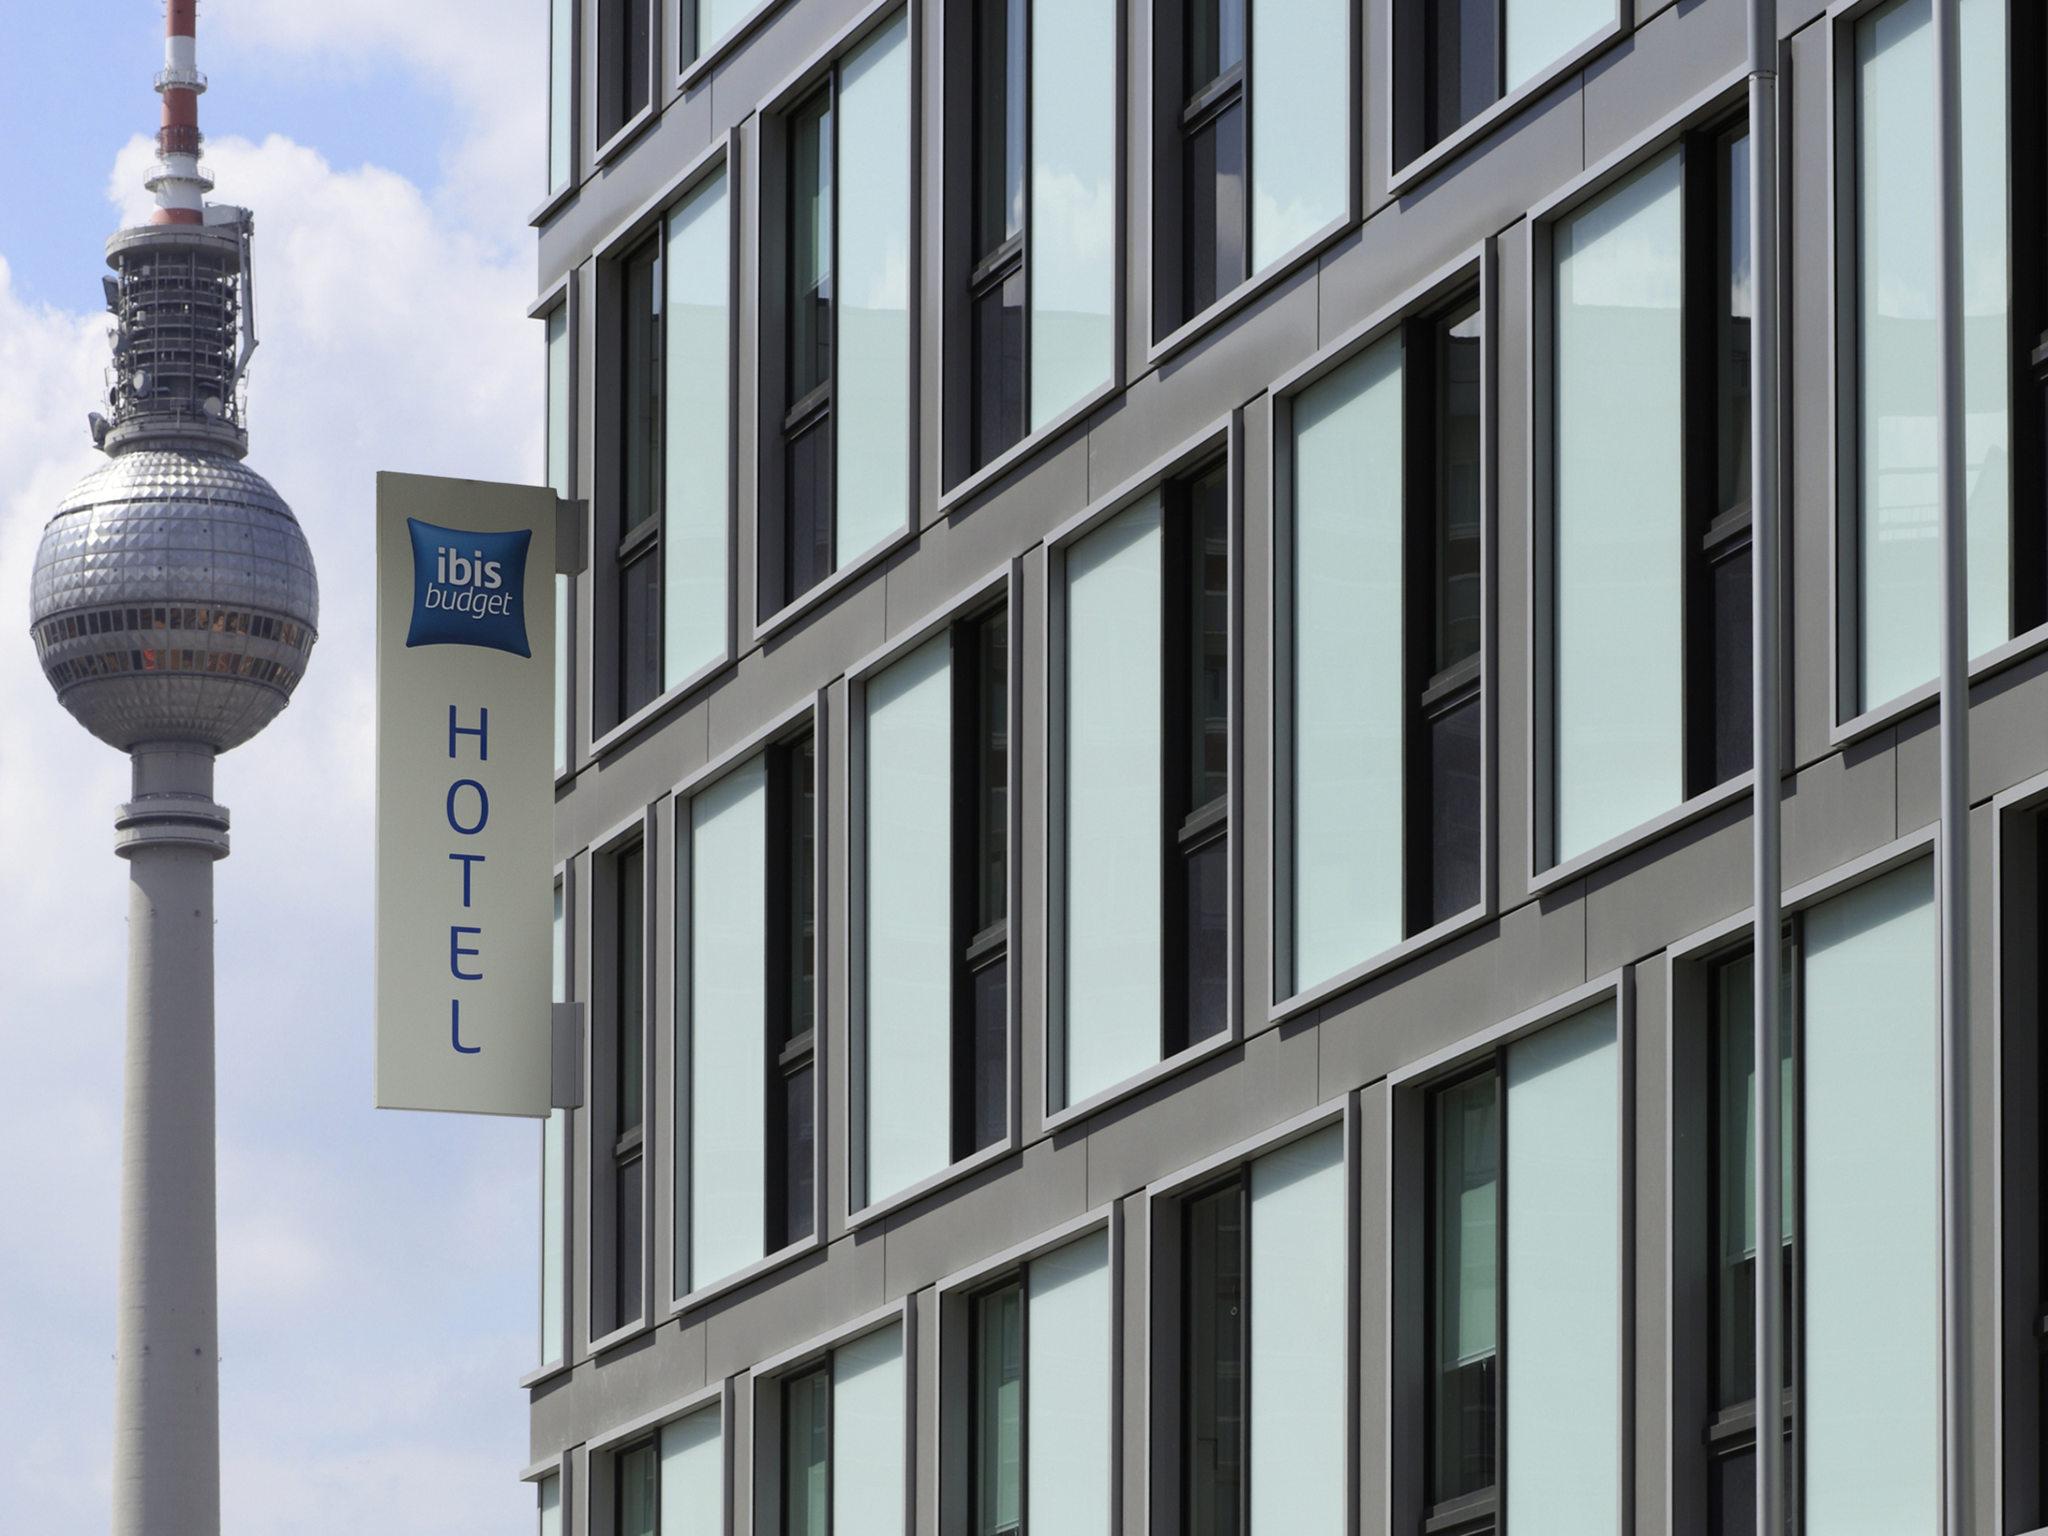 酒店 – ibis budget 柏林亚历山大广场酒店